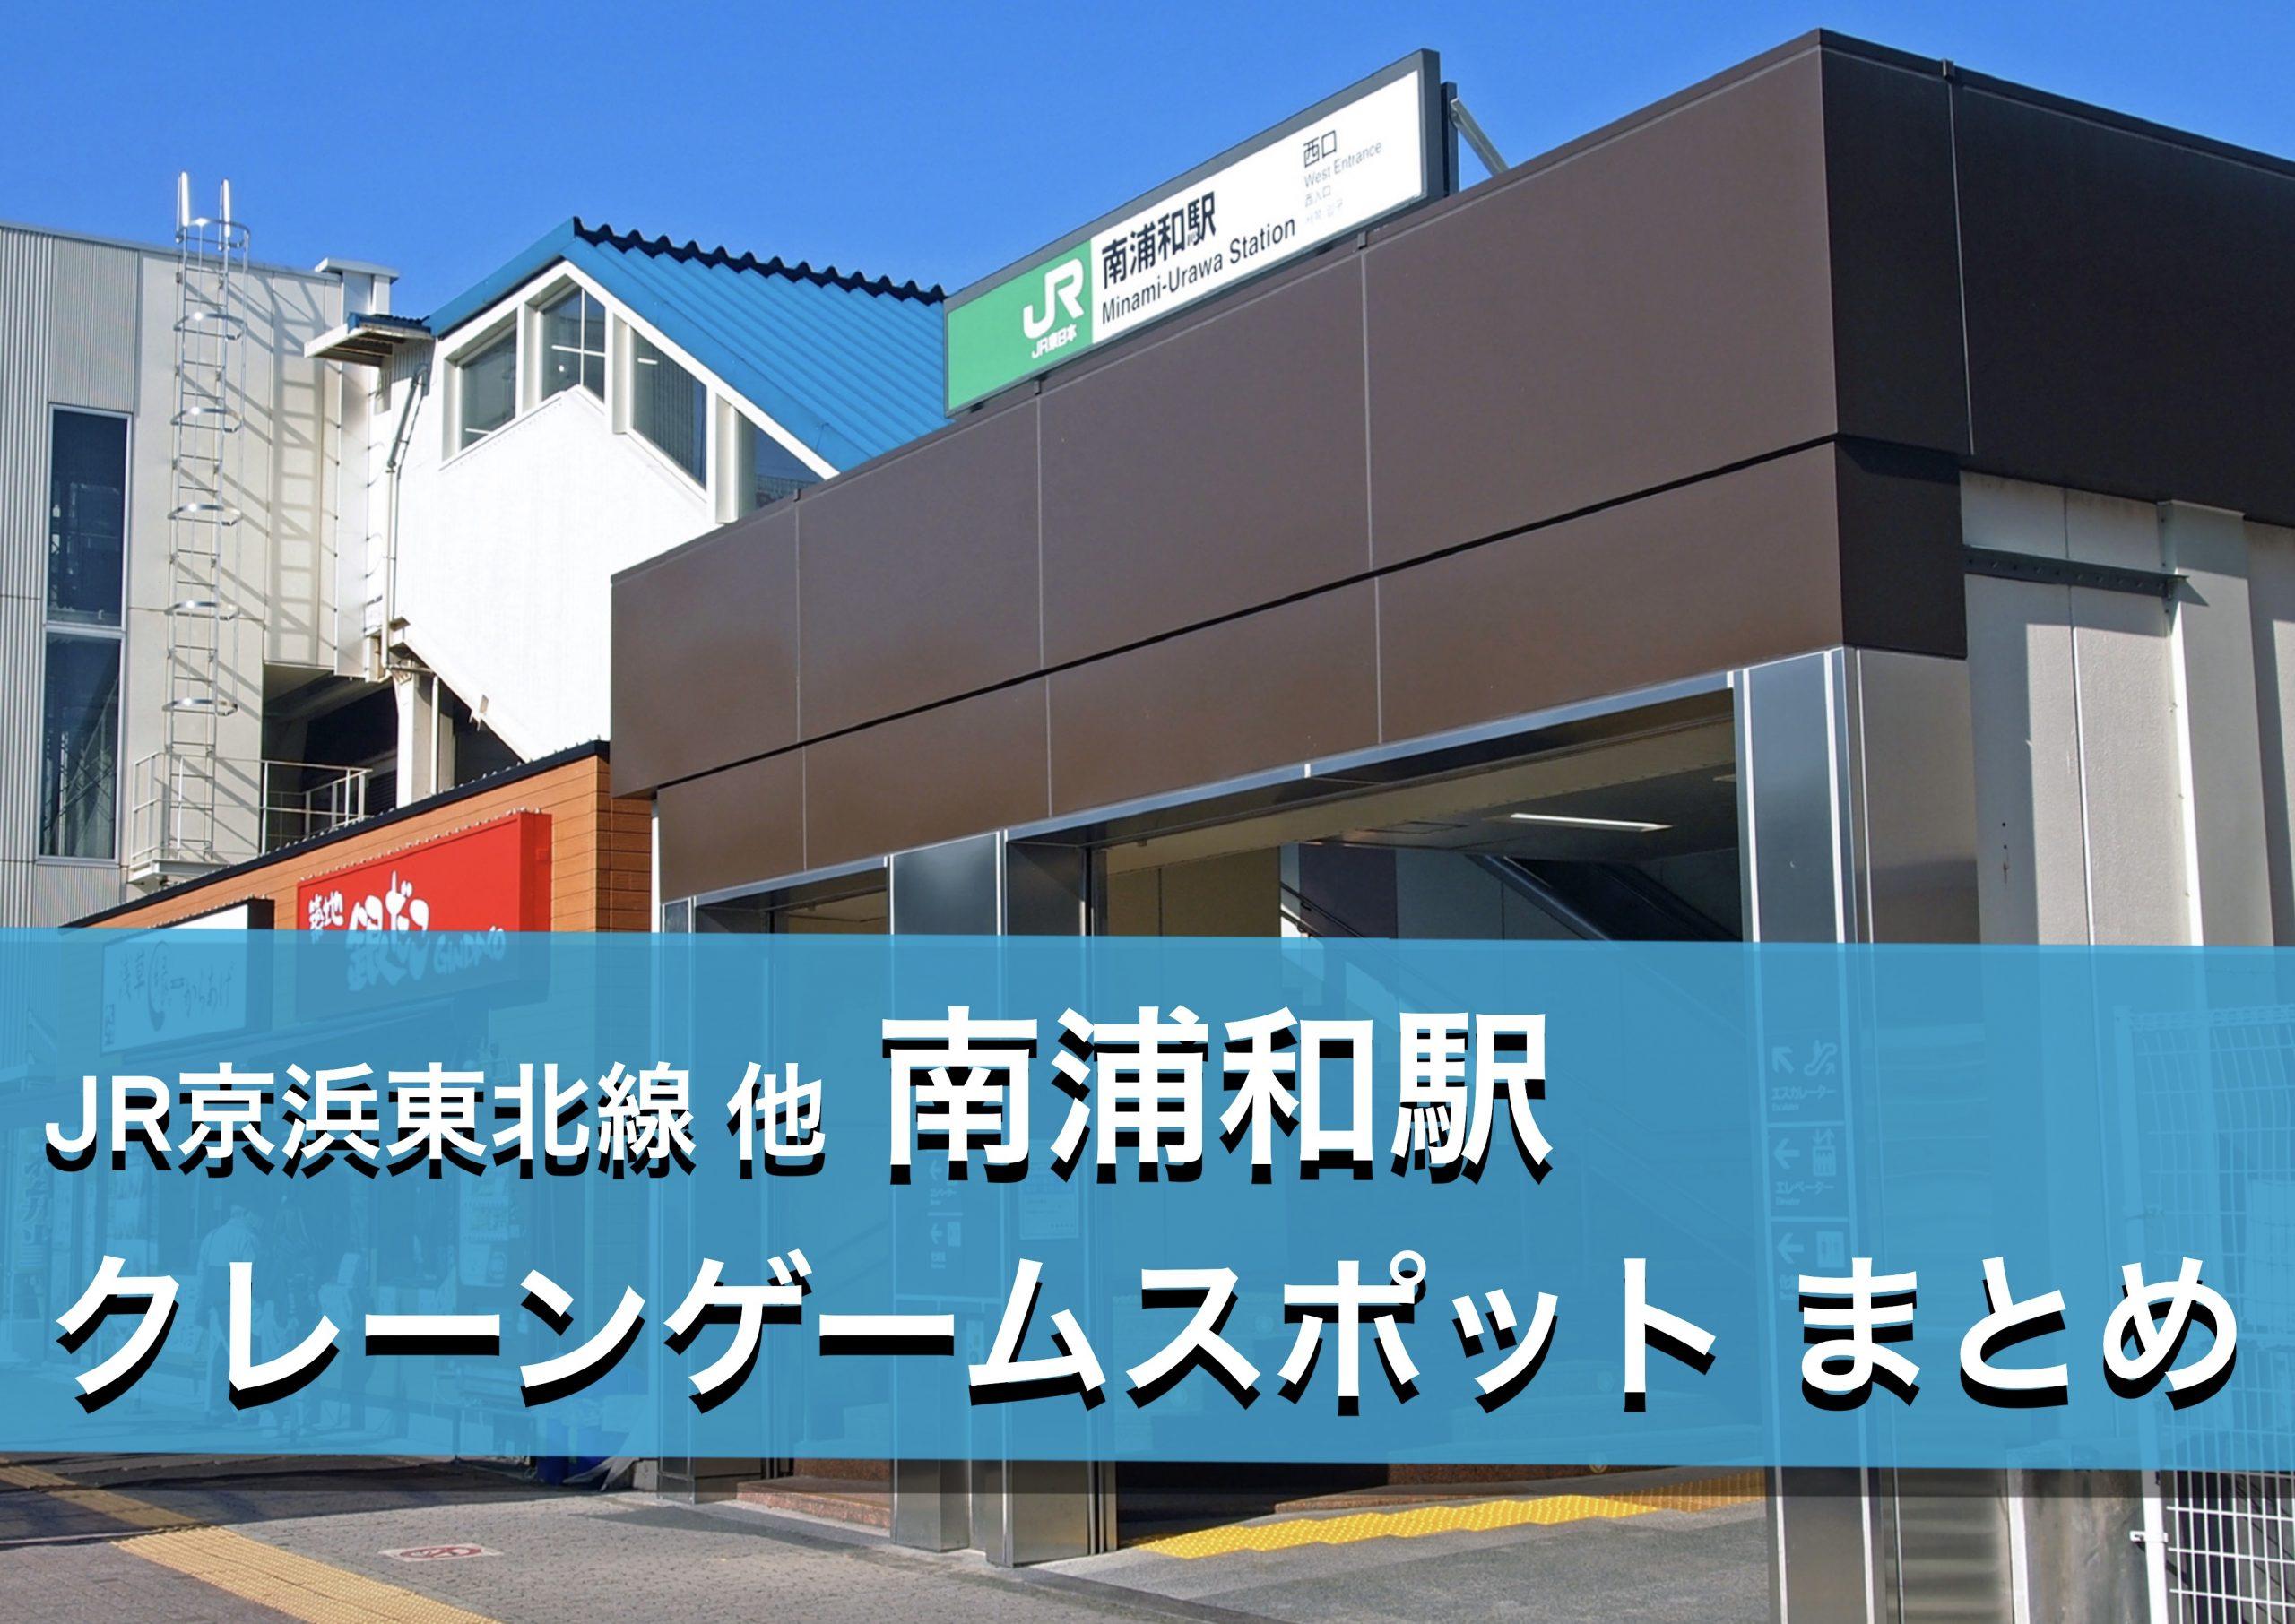 【南浦和駅】クレーンゲームができる場所